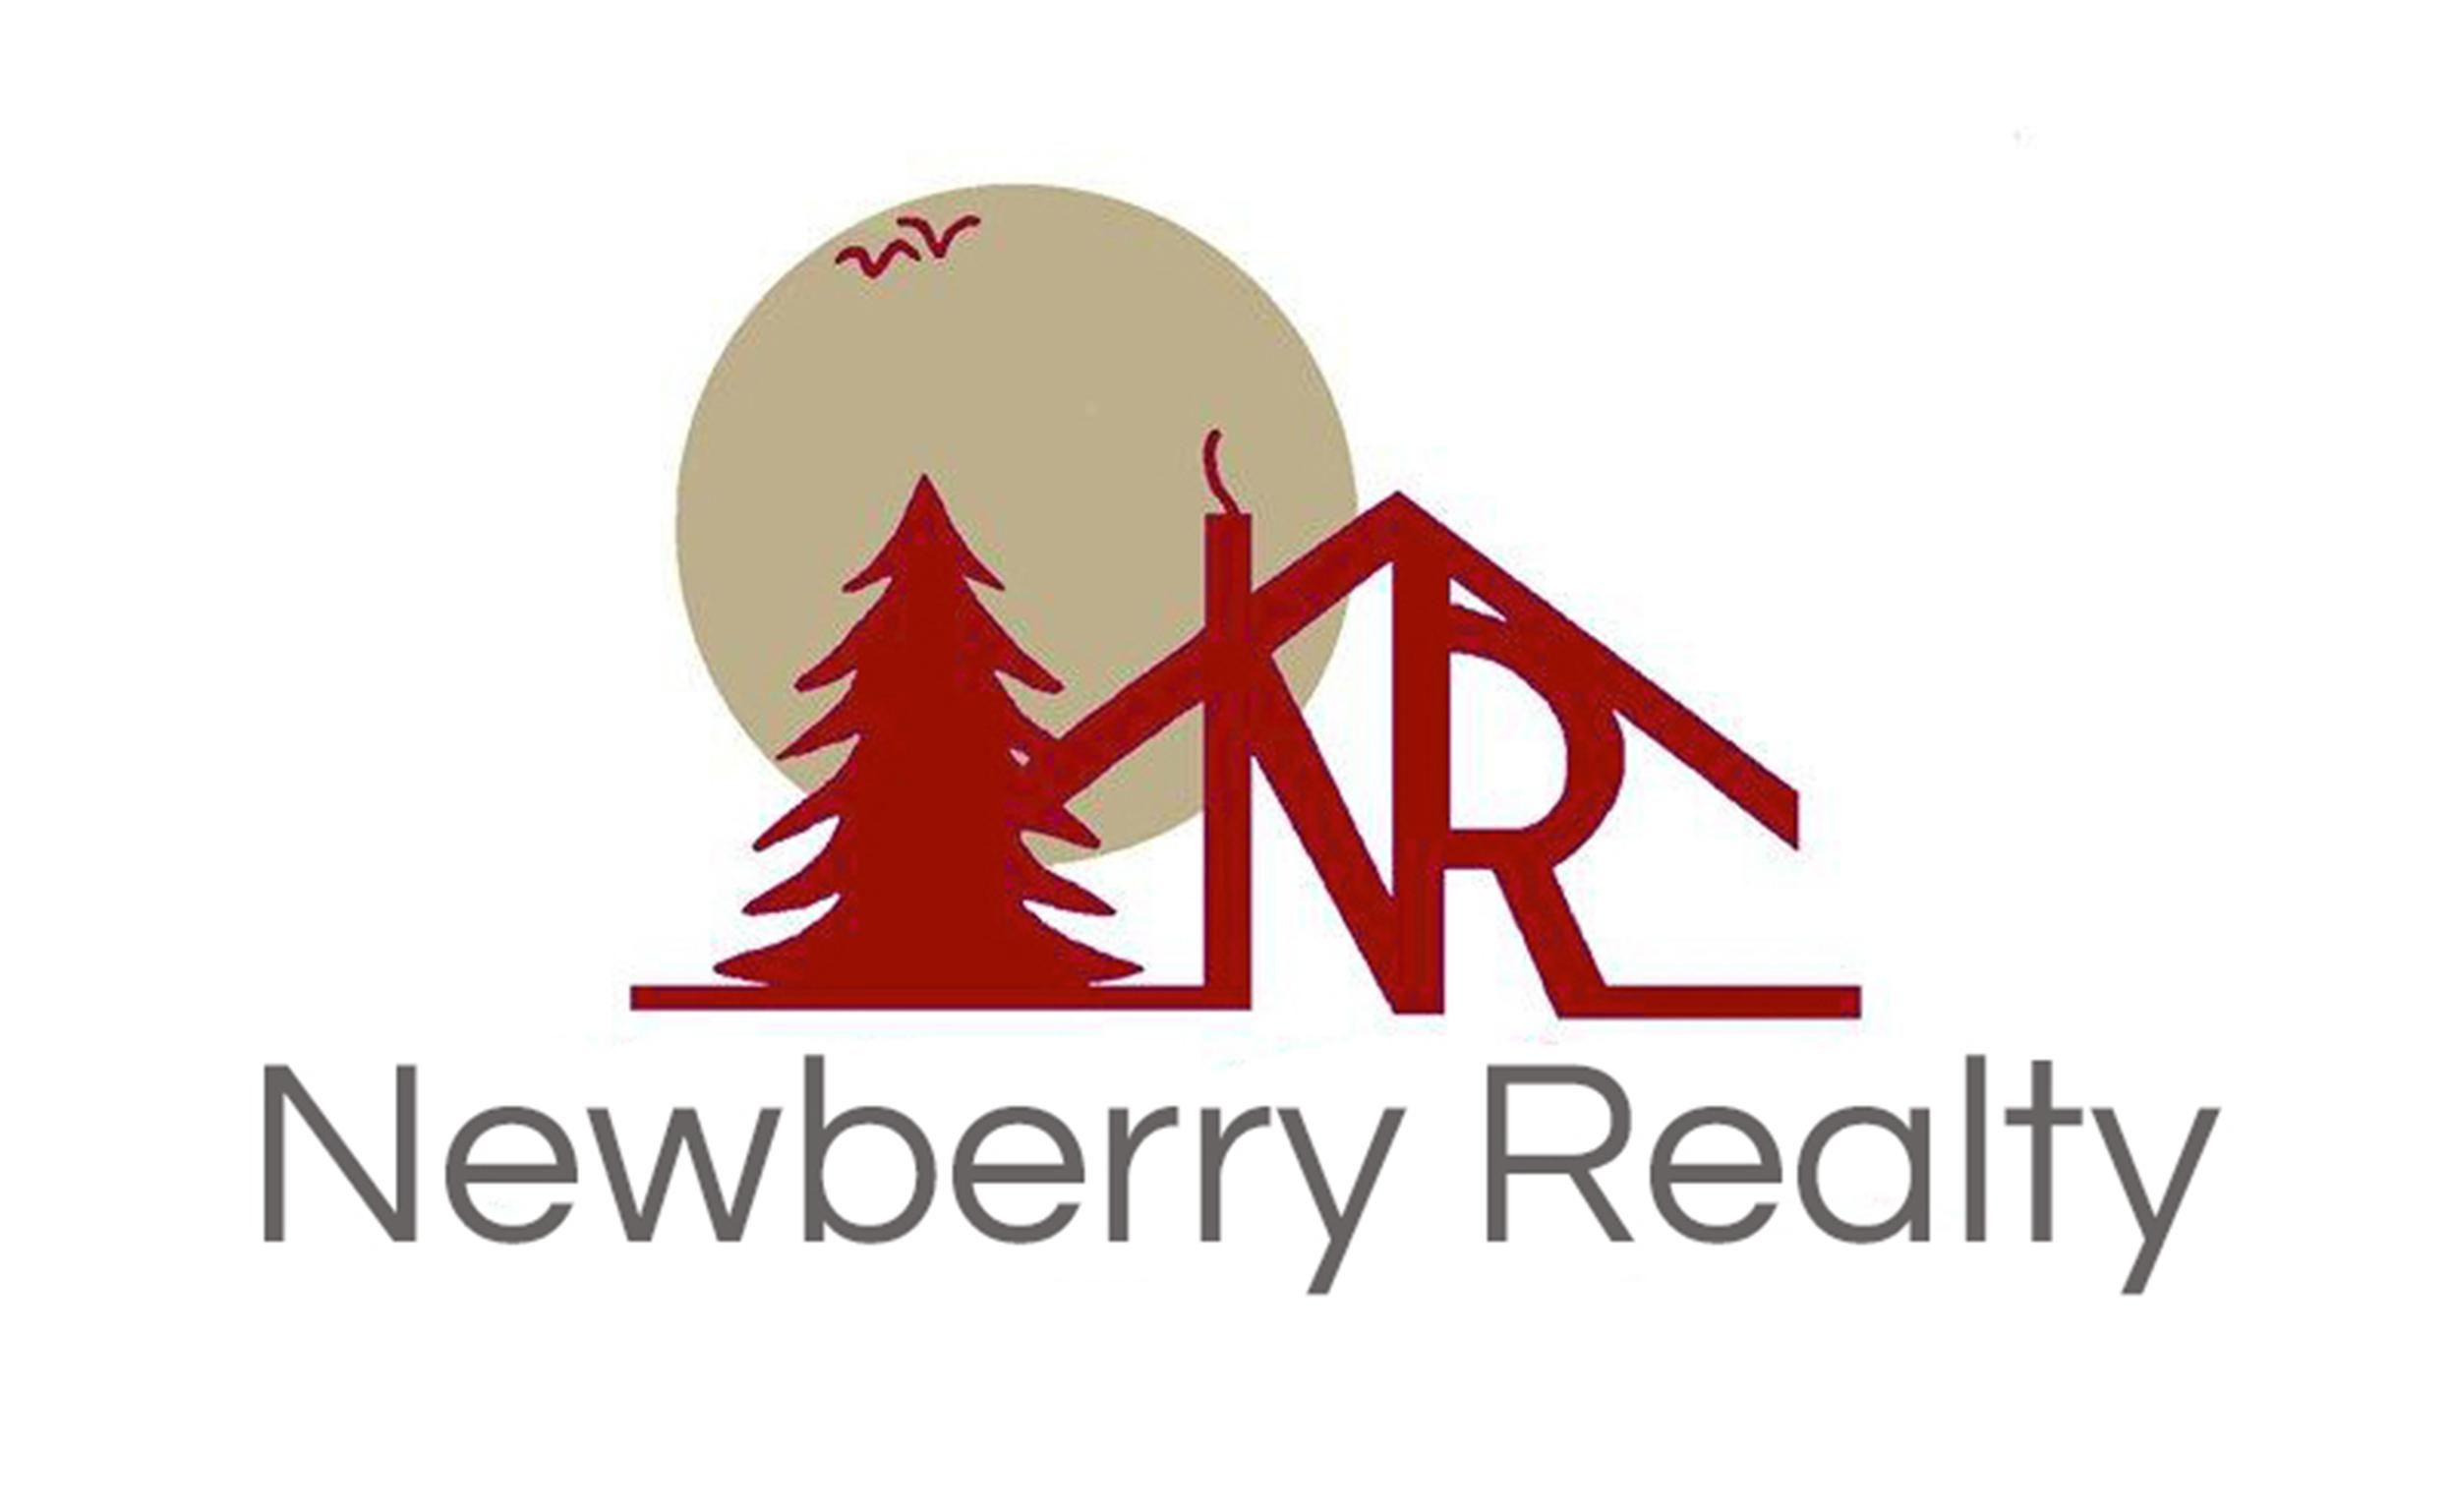 newberryLogo3b.jpg